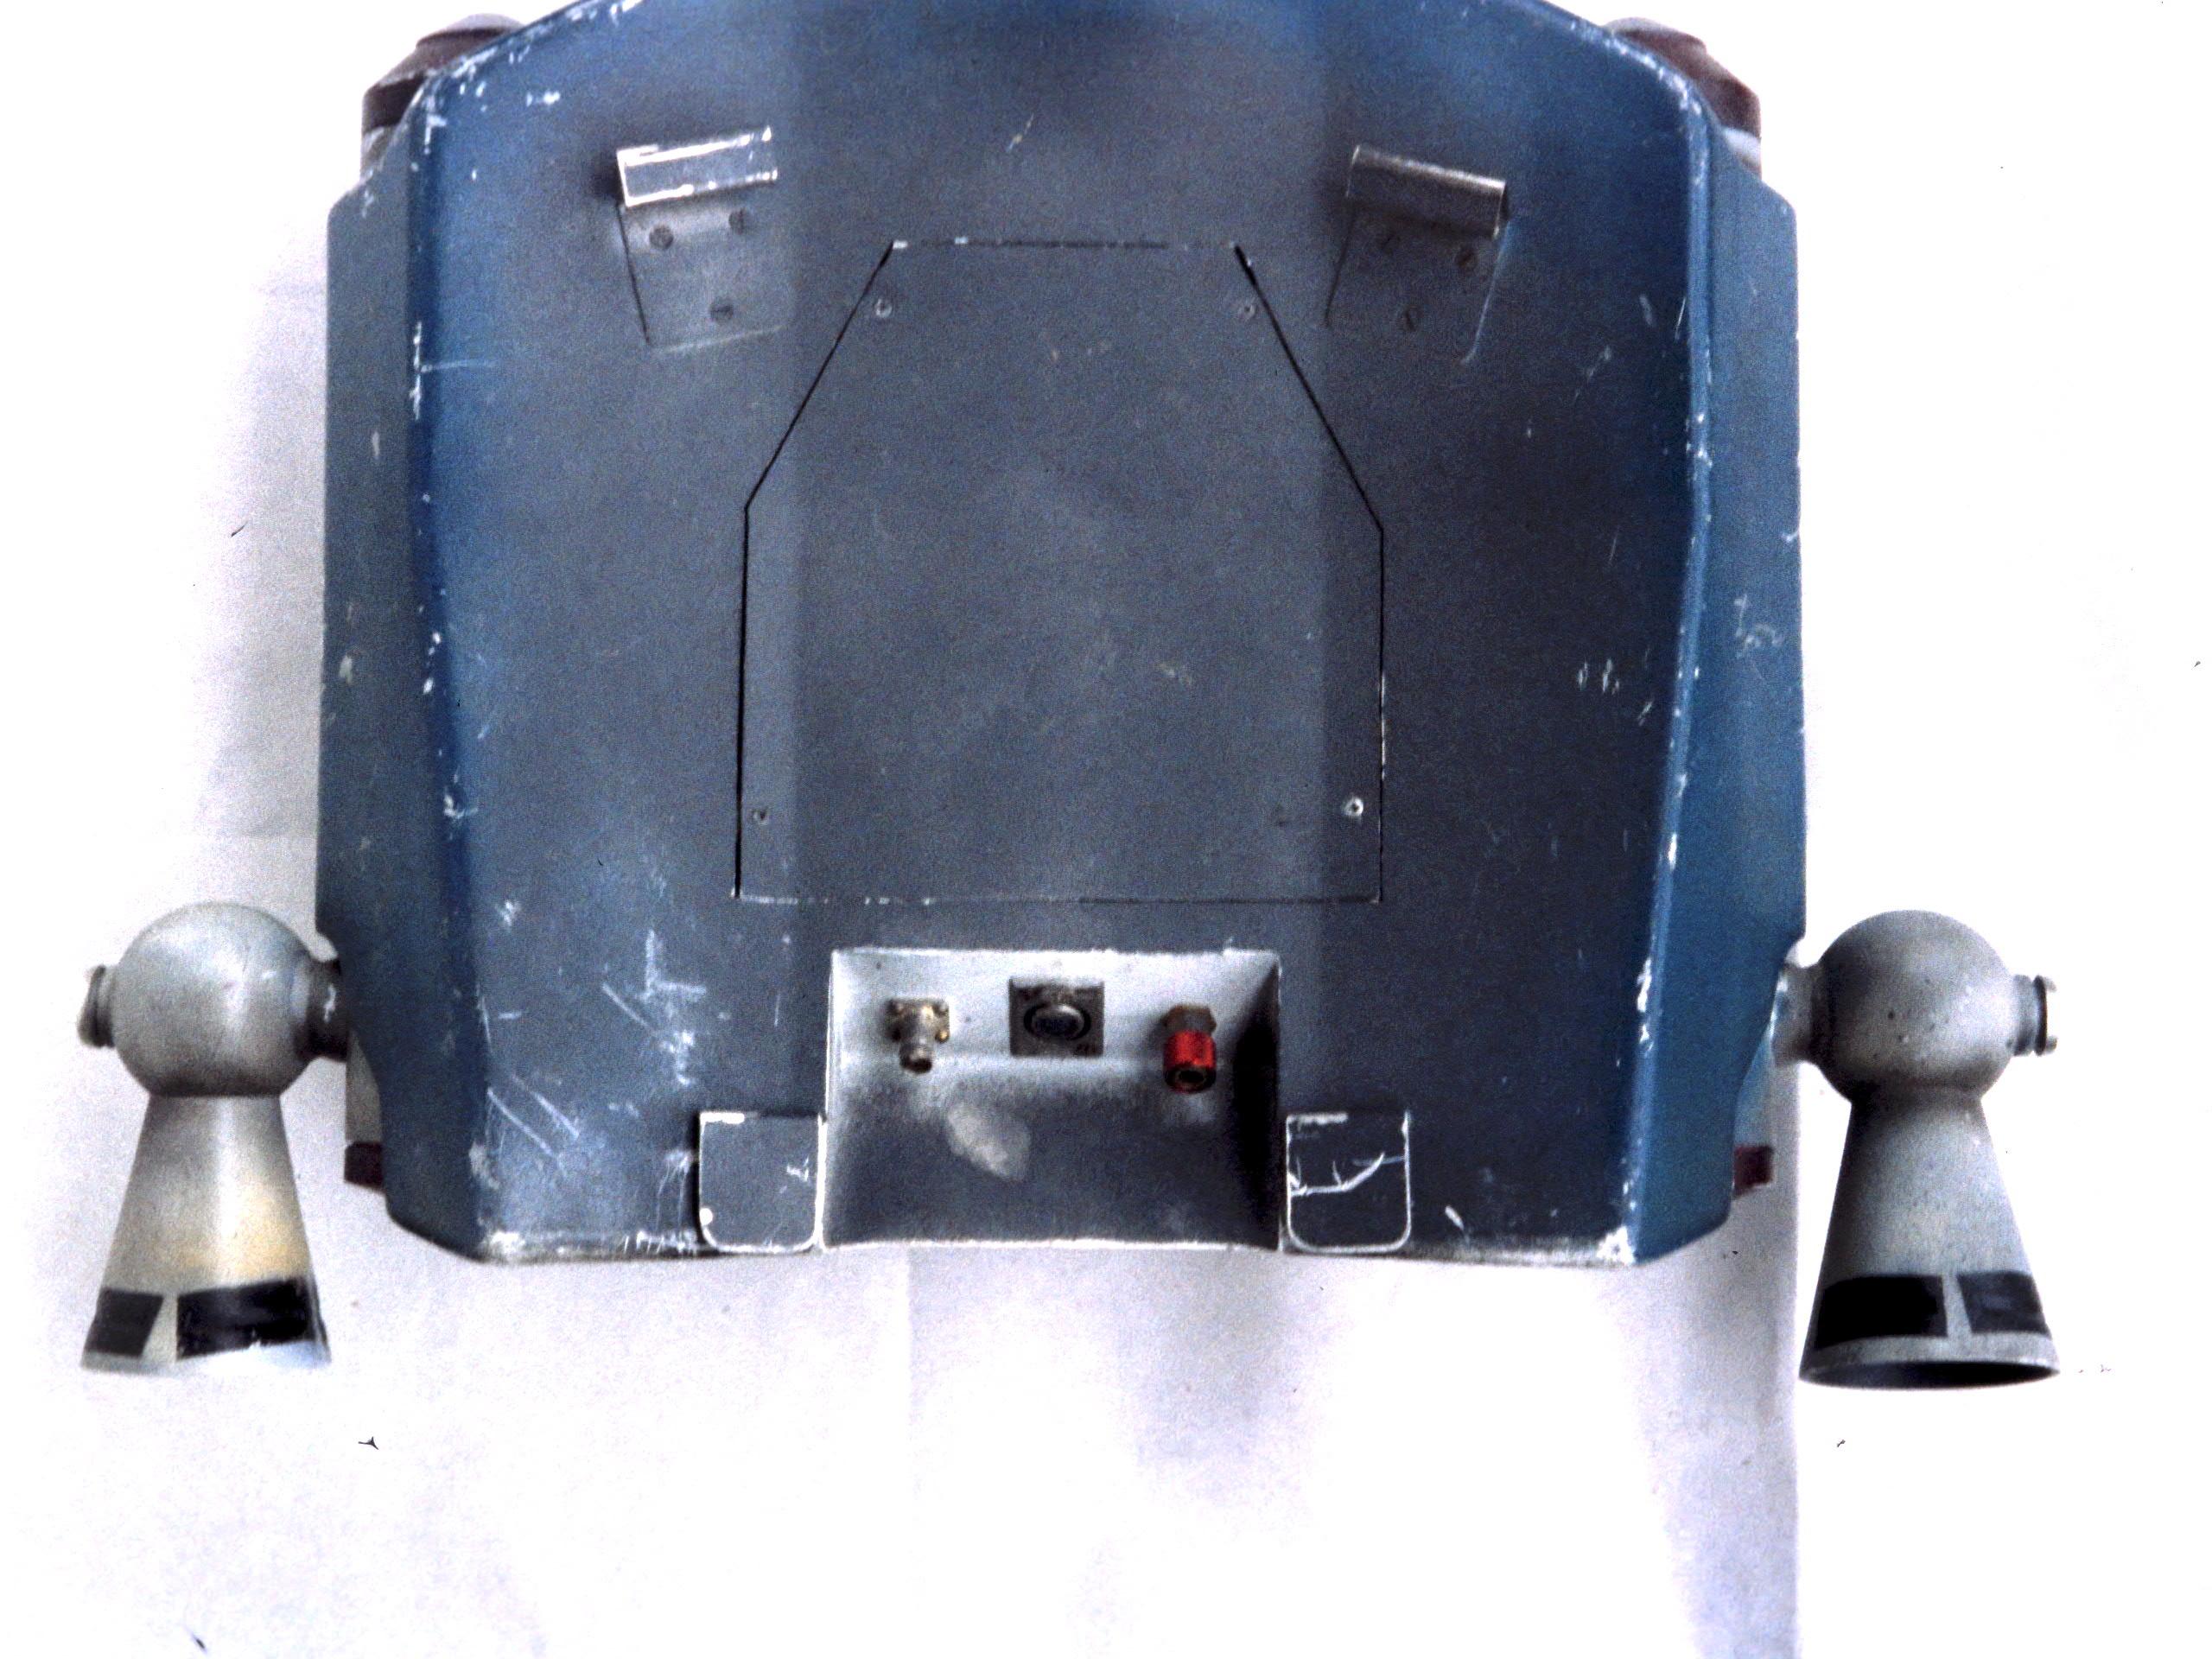 Boba-Fett-Return-of-the-Jedi-Jetpack-04.jpg